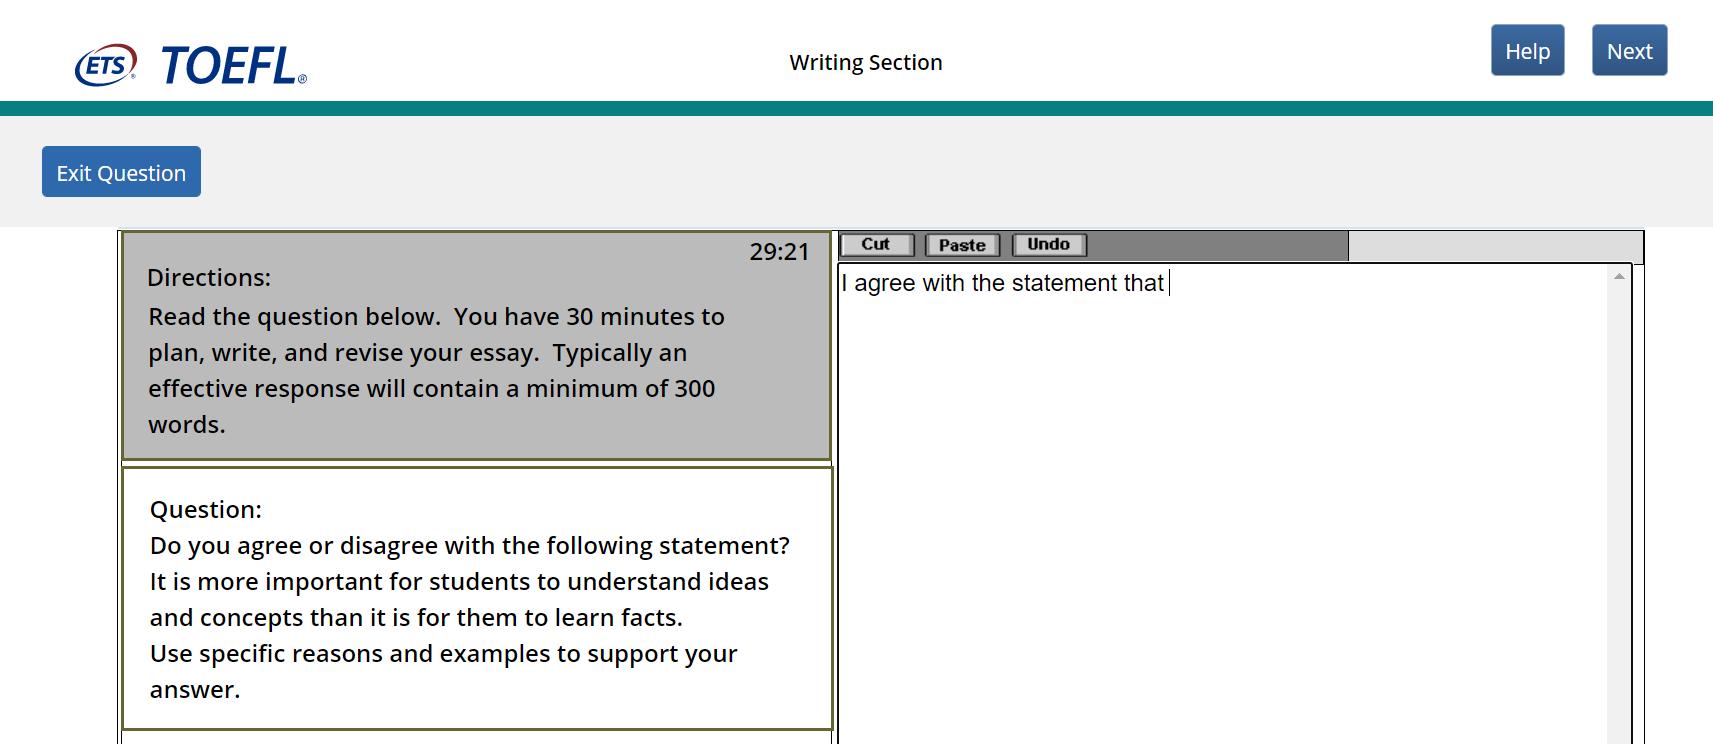 TOEFLのライティングの出題例